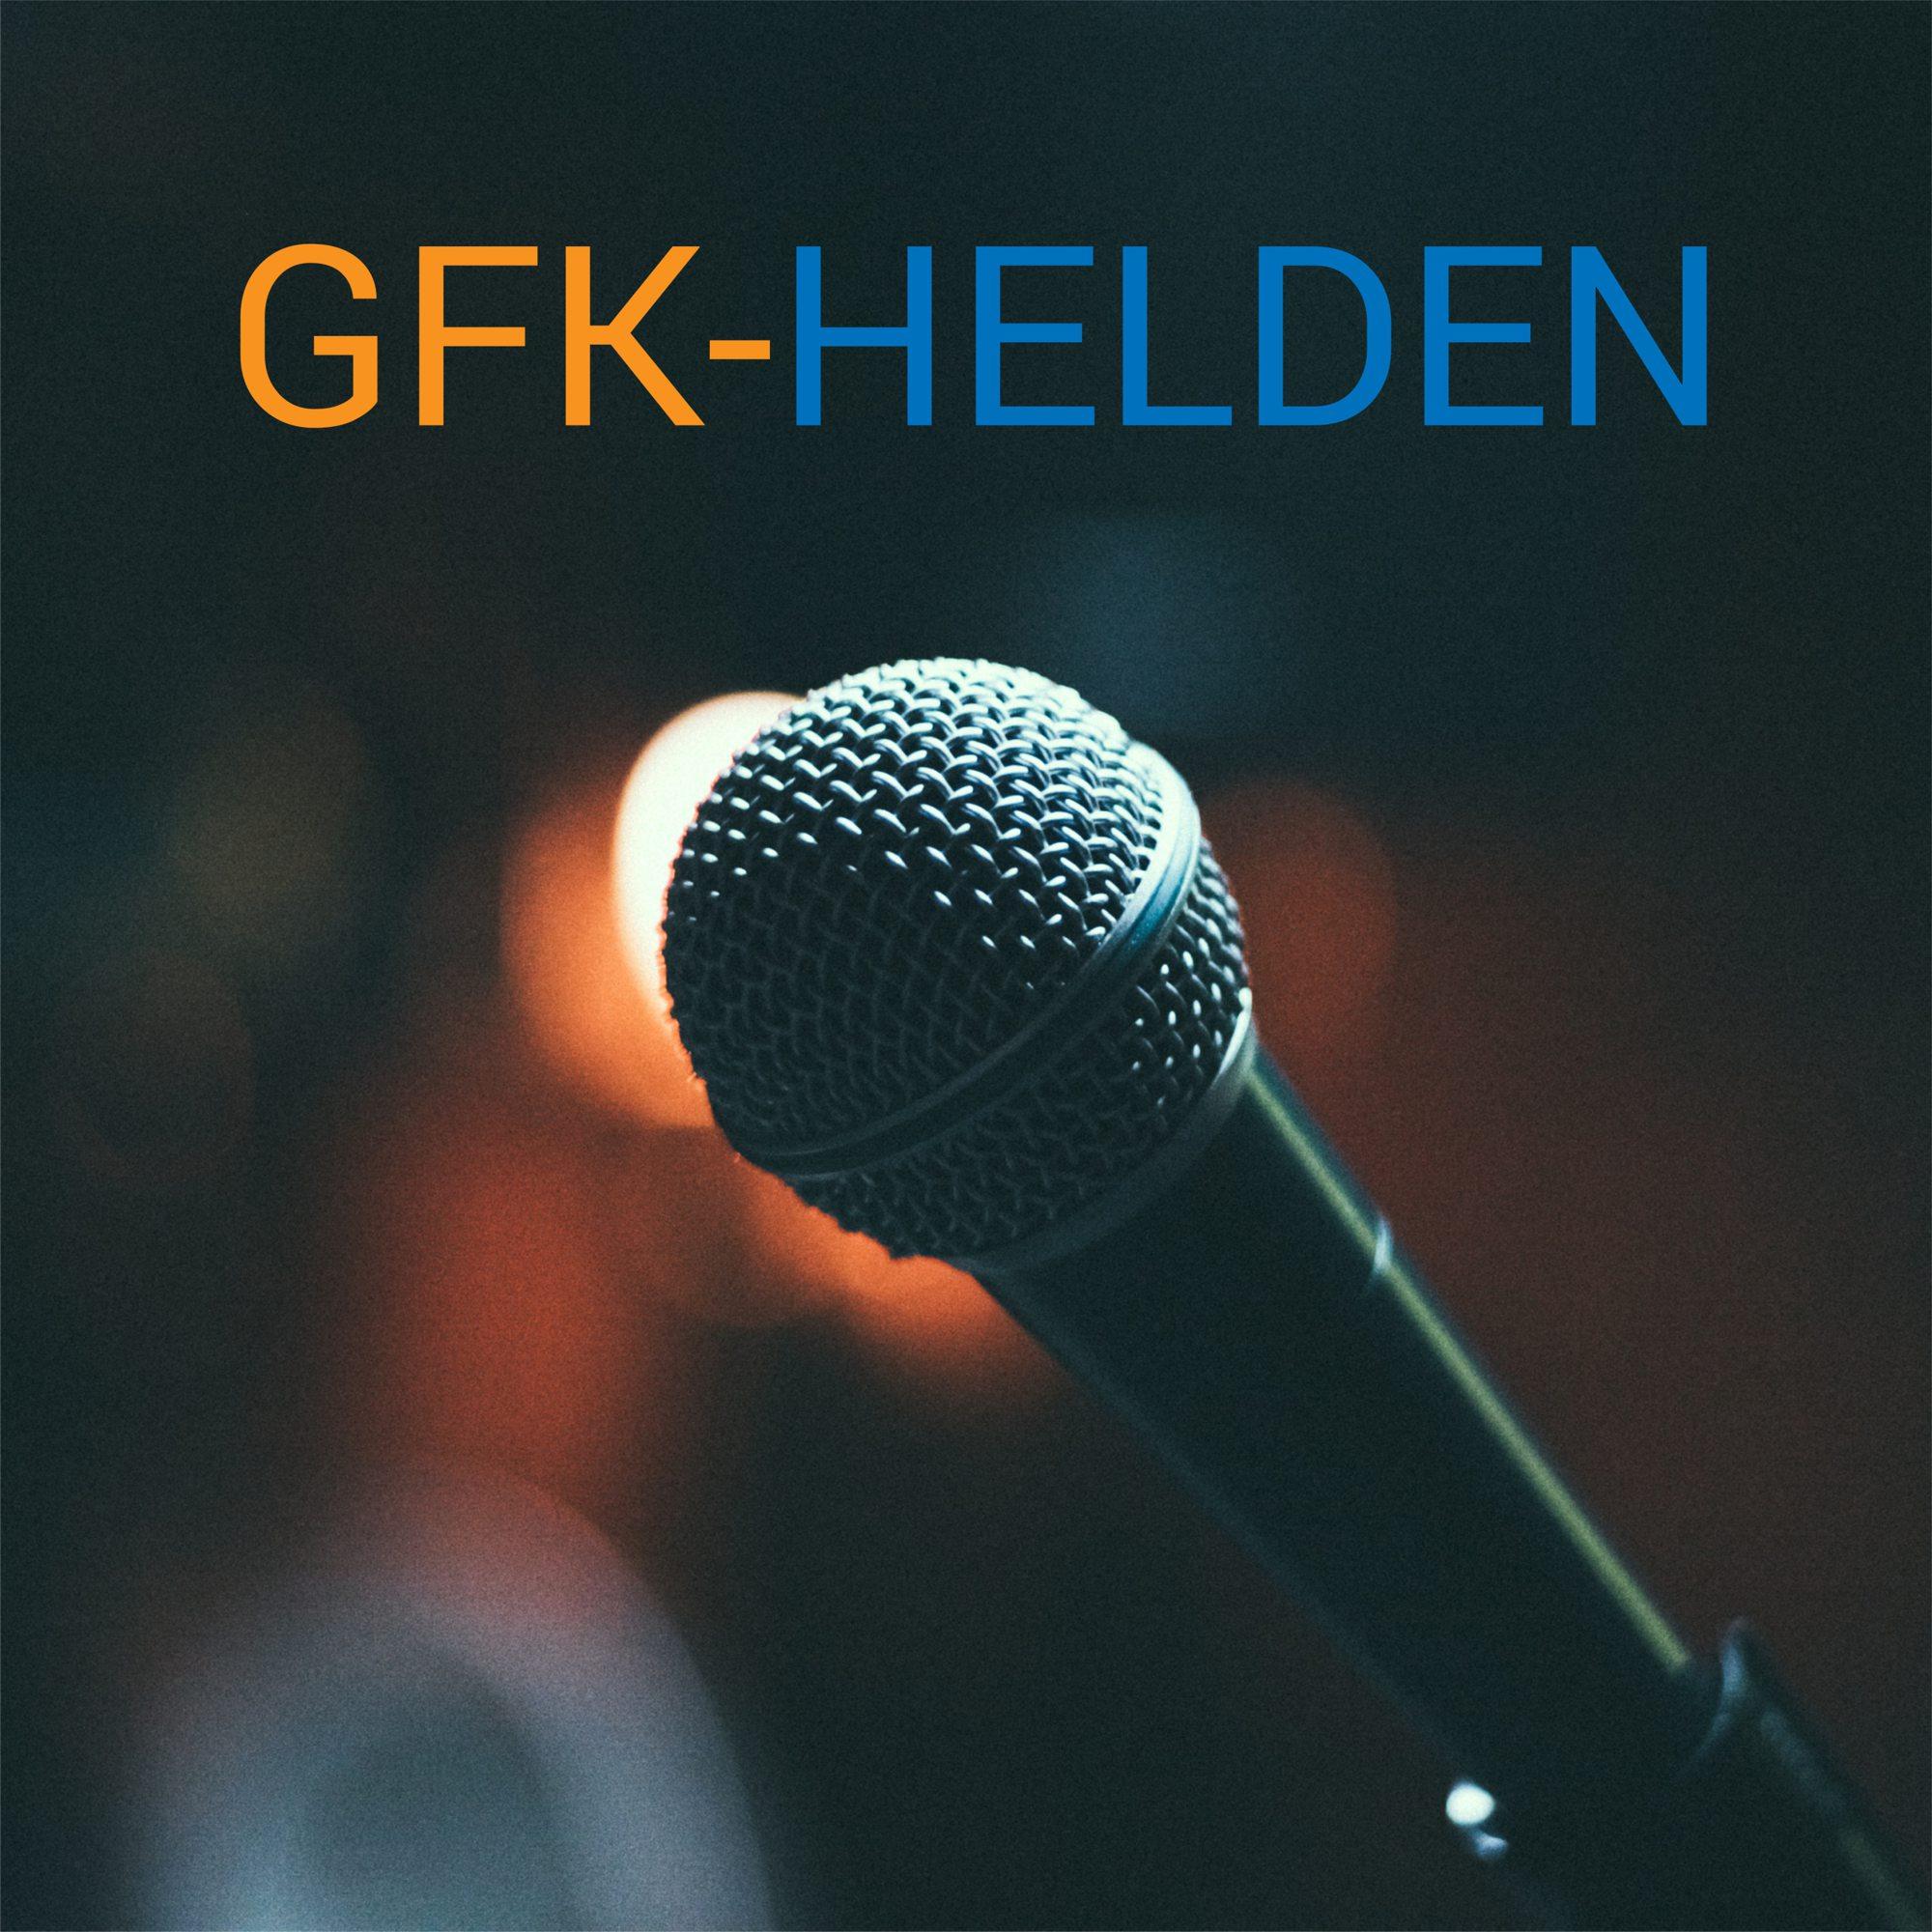 GFK-Helden   Konflikte lösen und Persönlichkeitsentwicklung mit Gewaltfreier Kommunikation